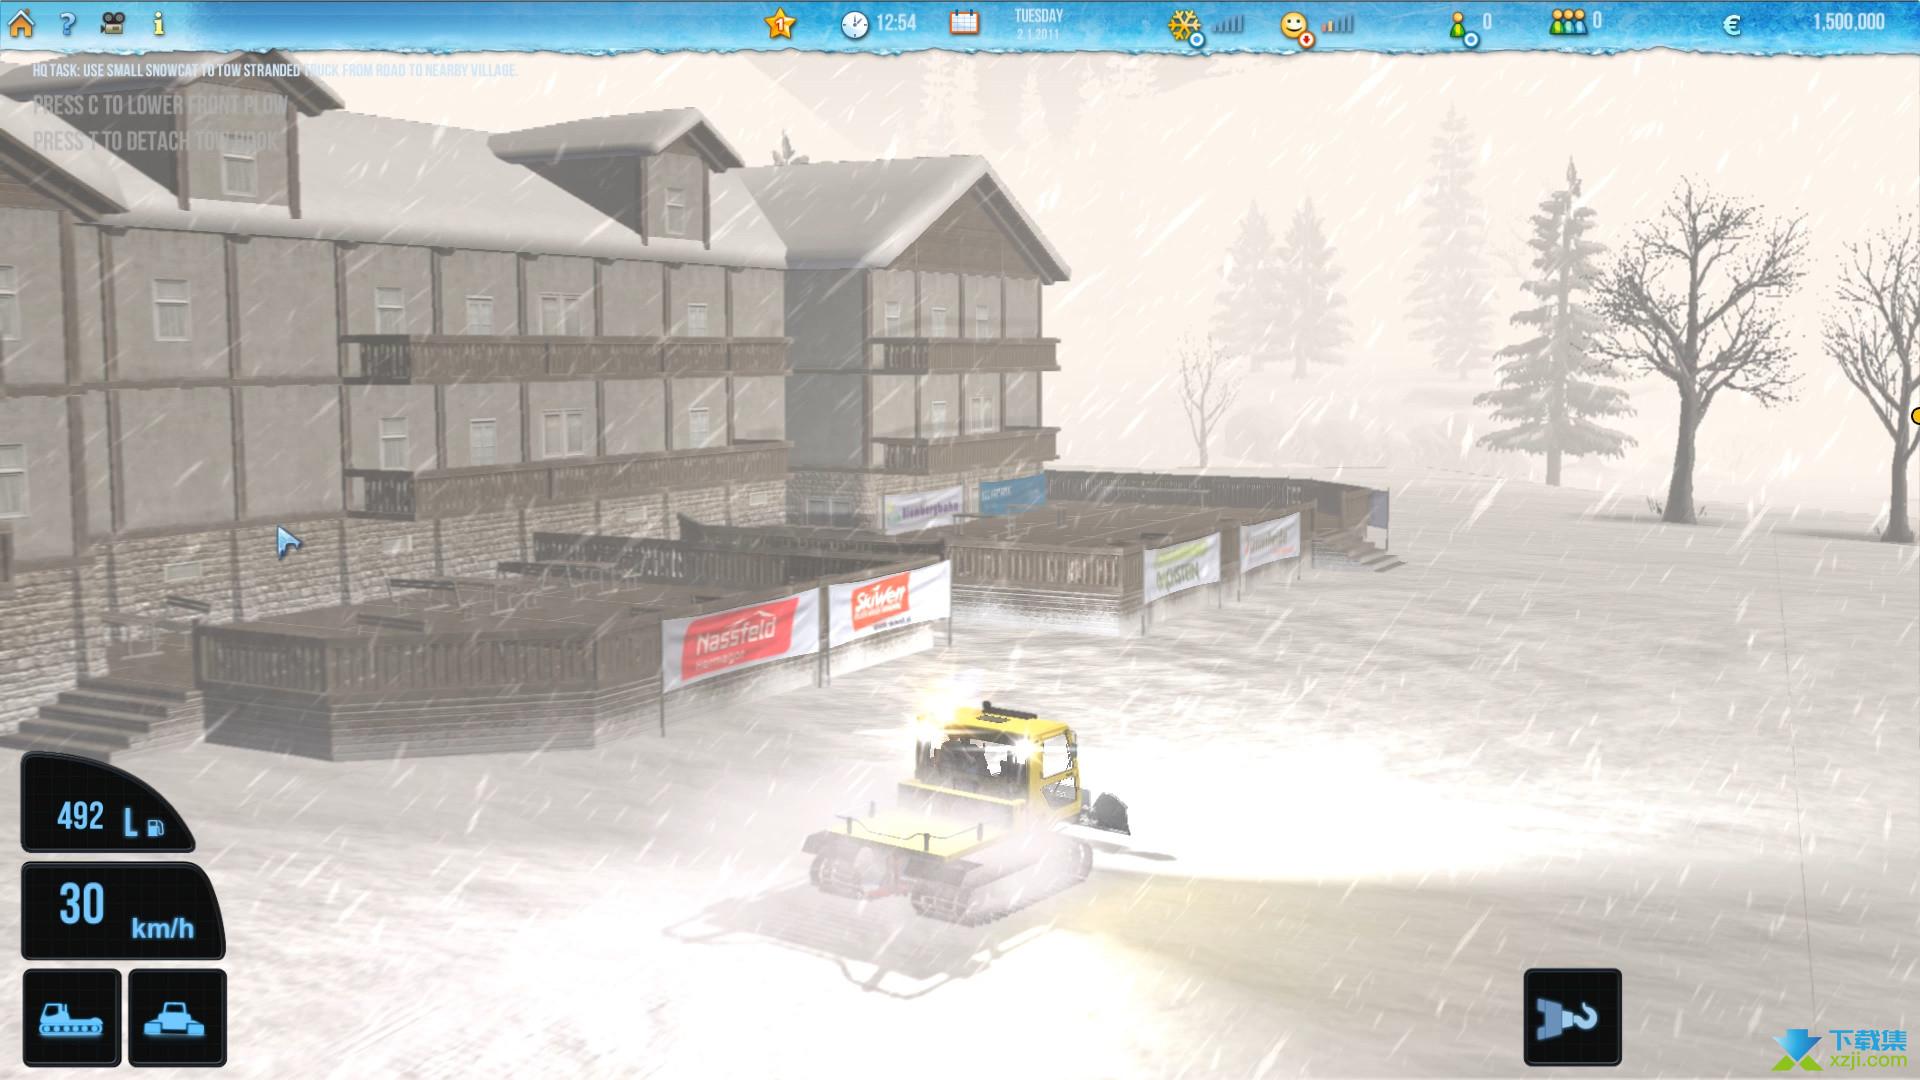 滑雪世界模拟界面2